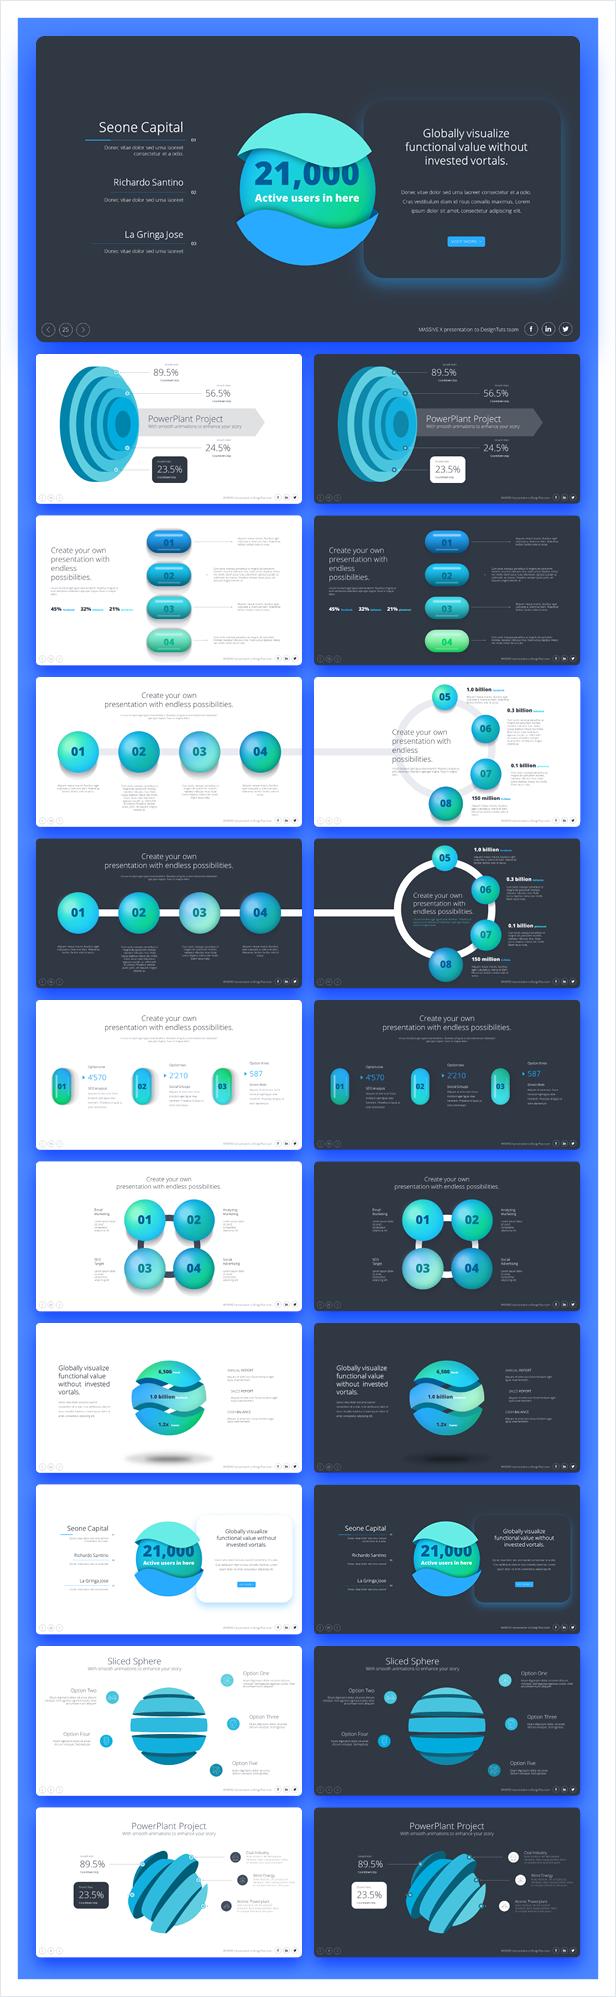 Massive X Presentation Template v.3.1 - 25